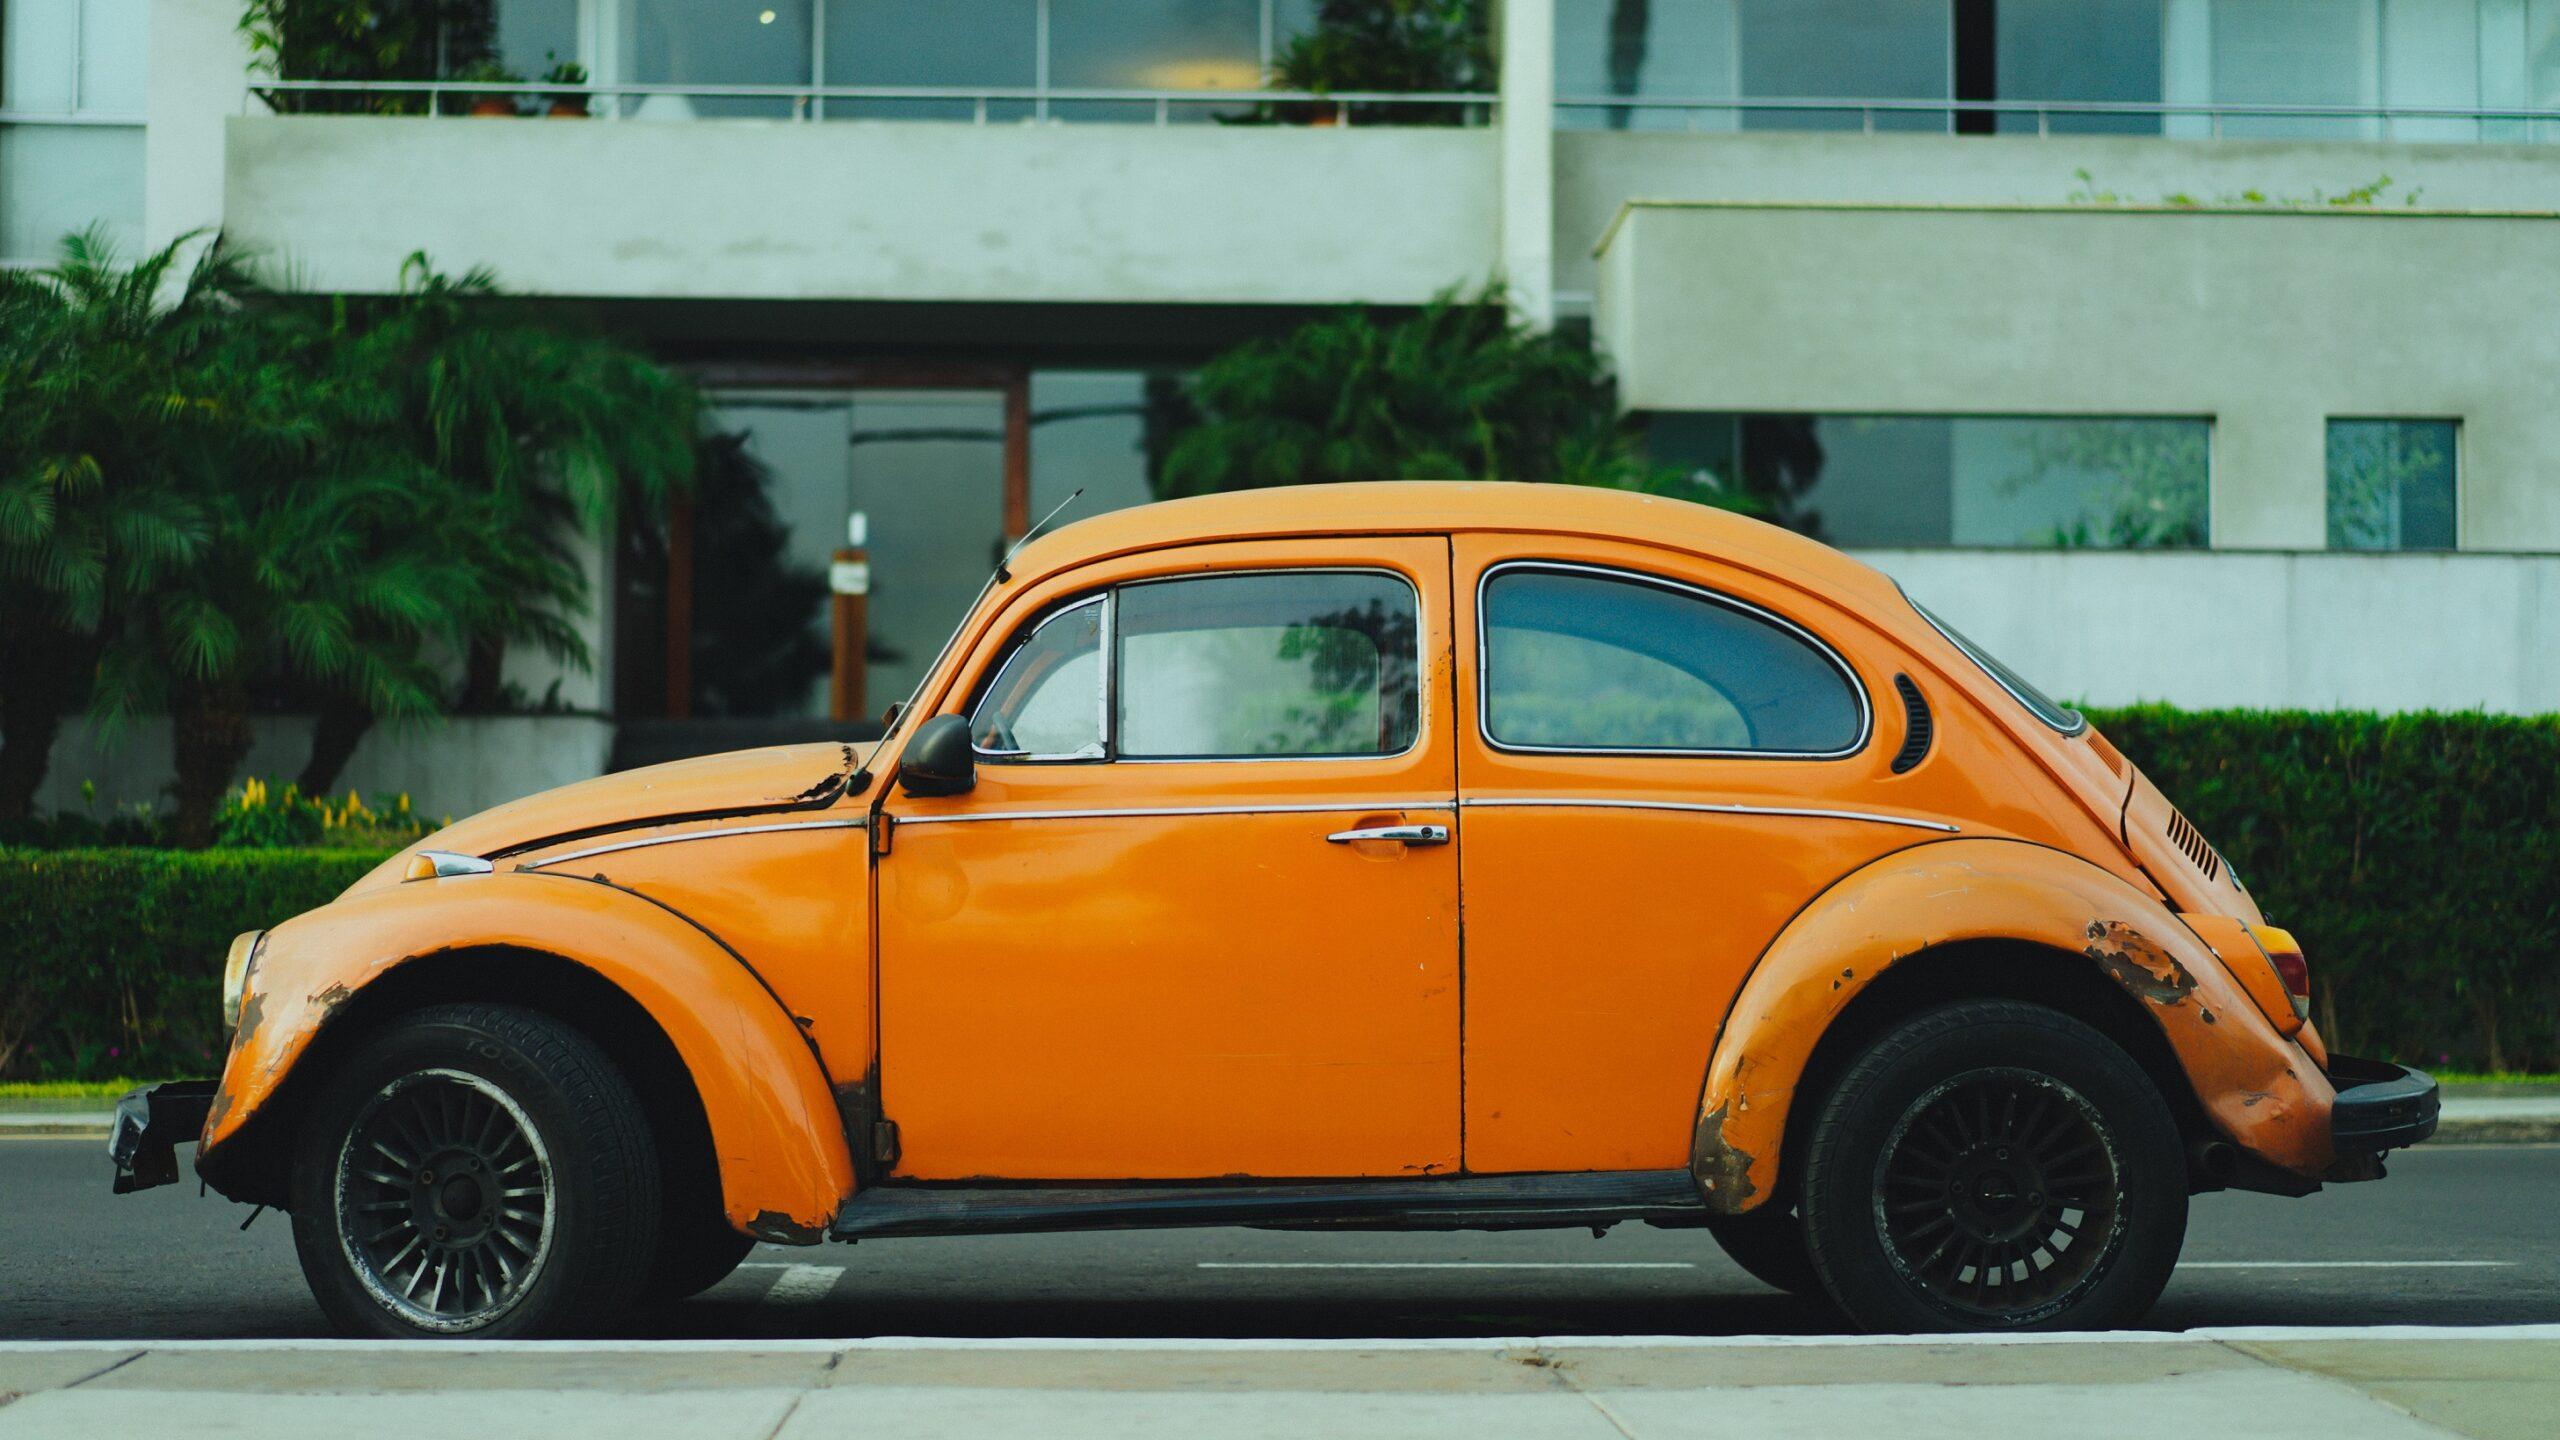 Jakie części samochodowe można wysłać kurierem?